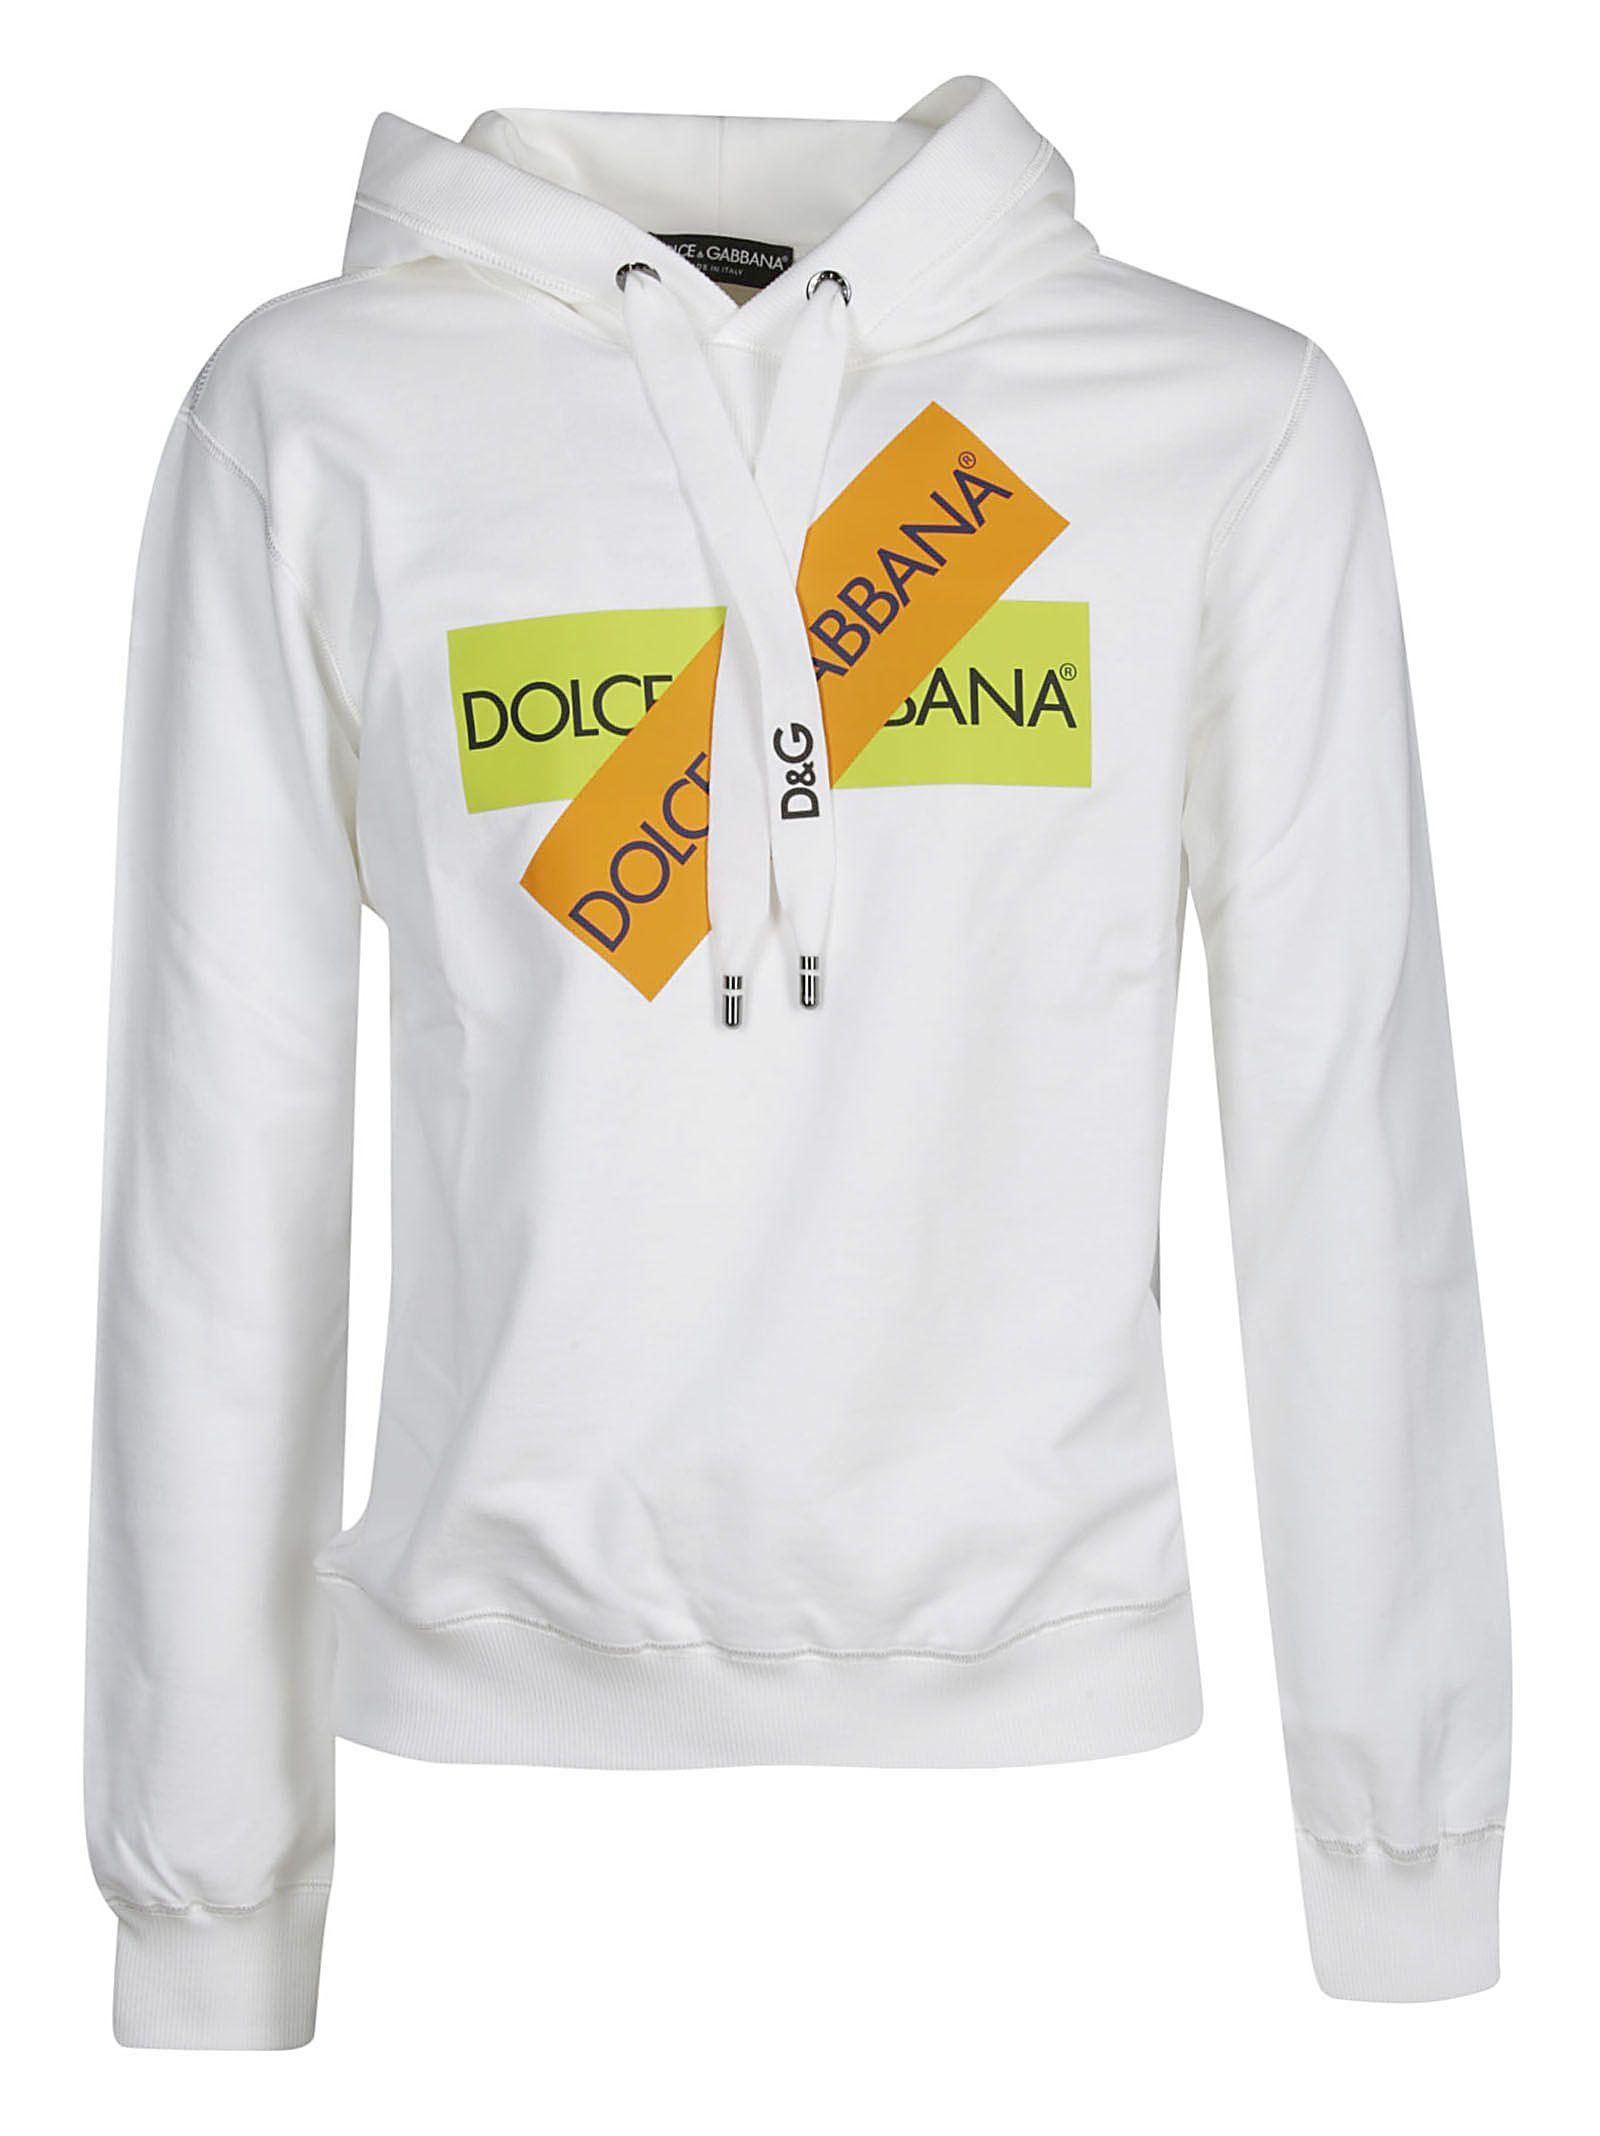 DOLCE & GABBANA X. dolcegabbana cloth Dolce and gabbana